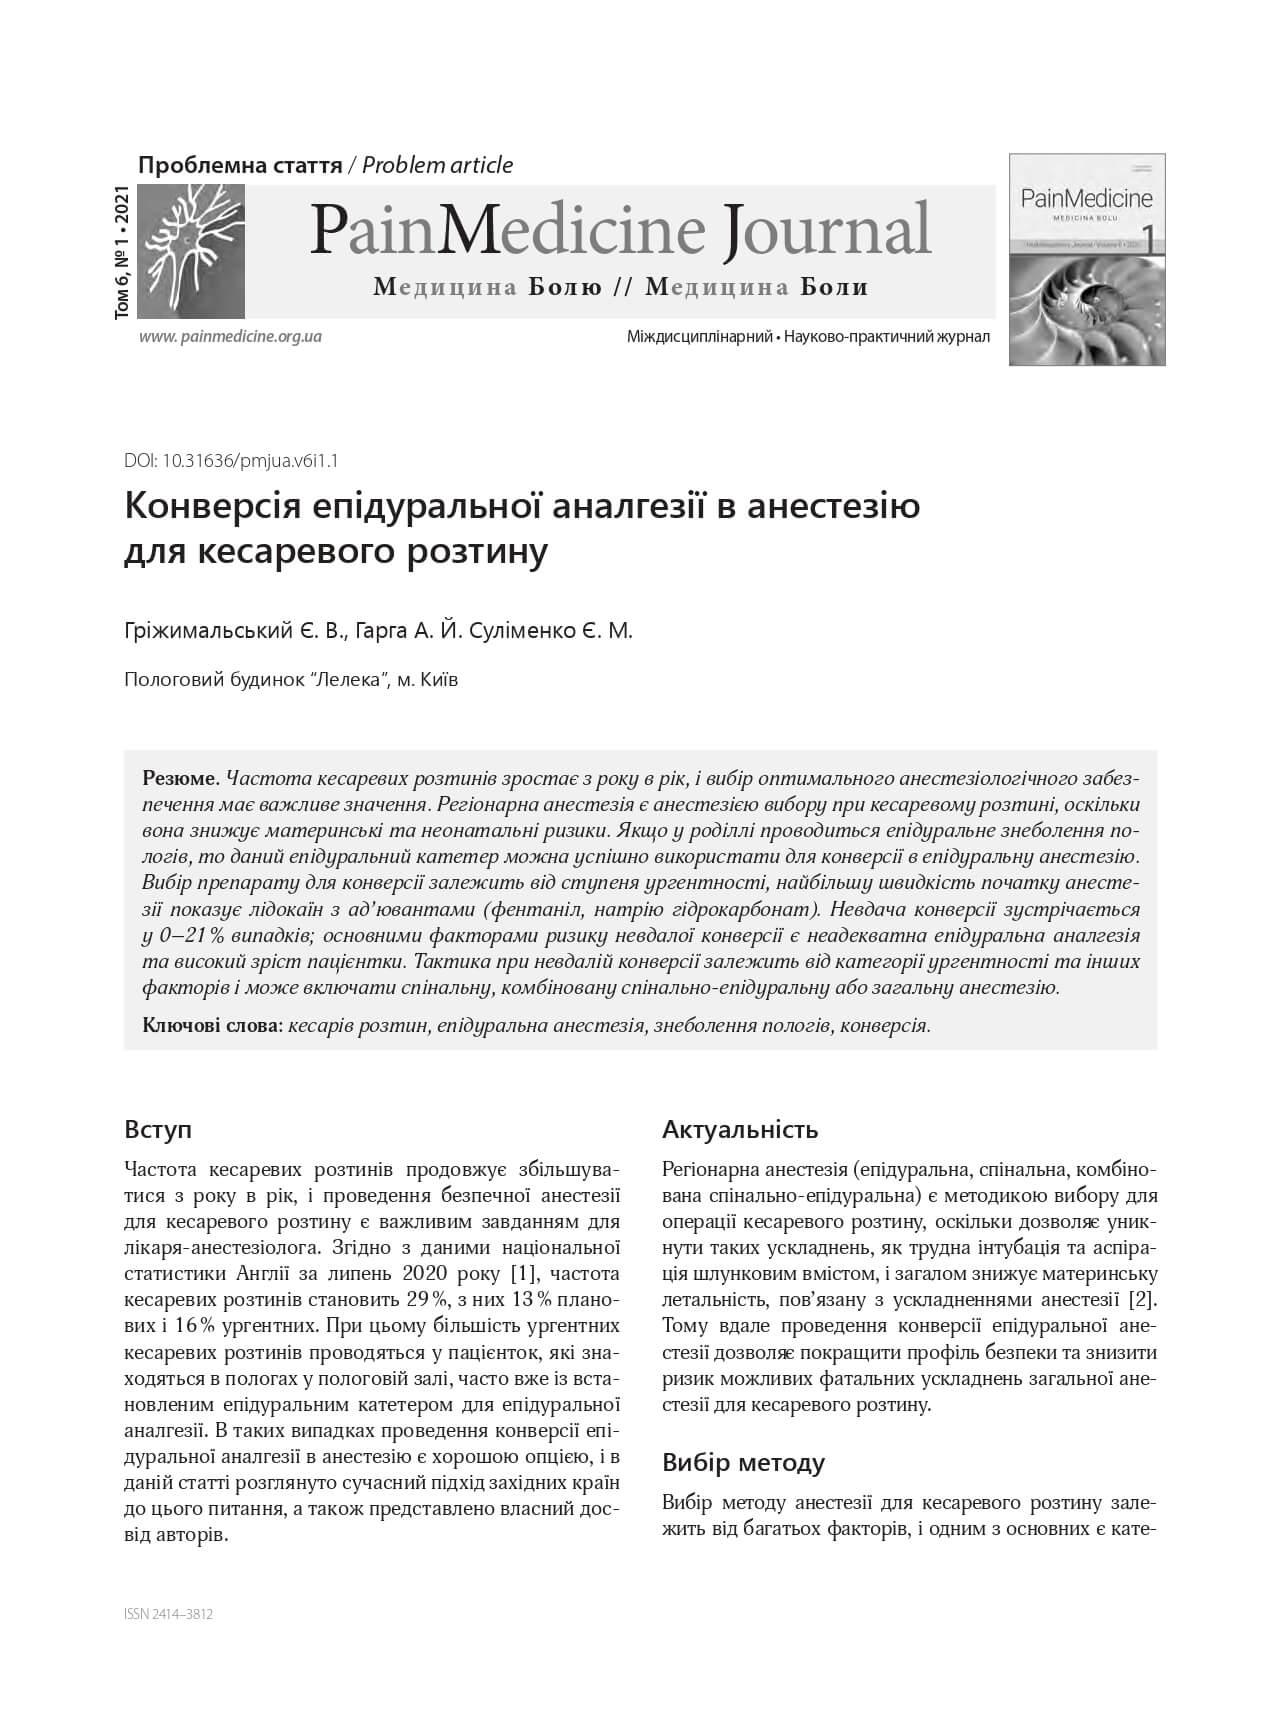 Конверсія епідуральної аналгезії в анестезію  для кесаревого розтину